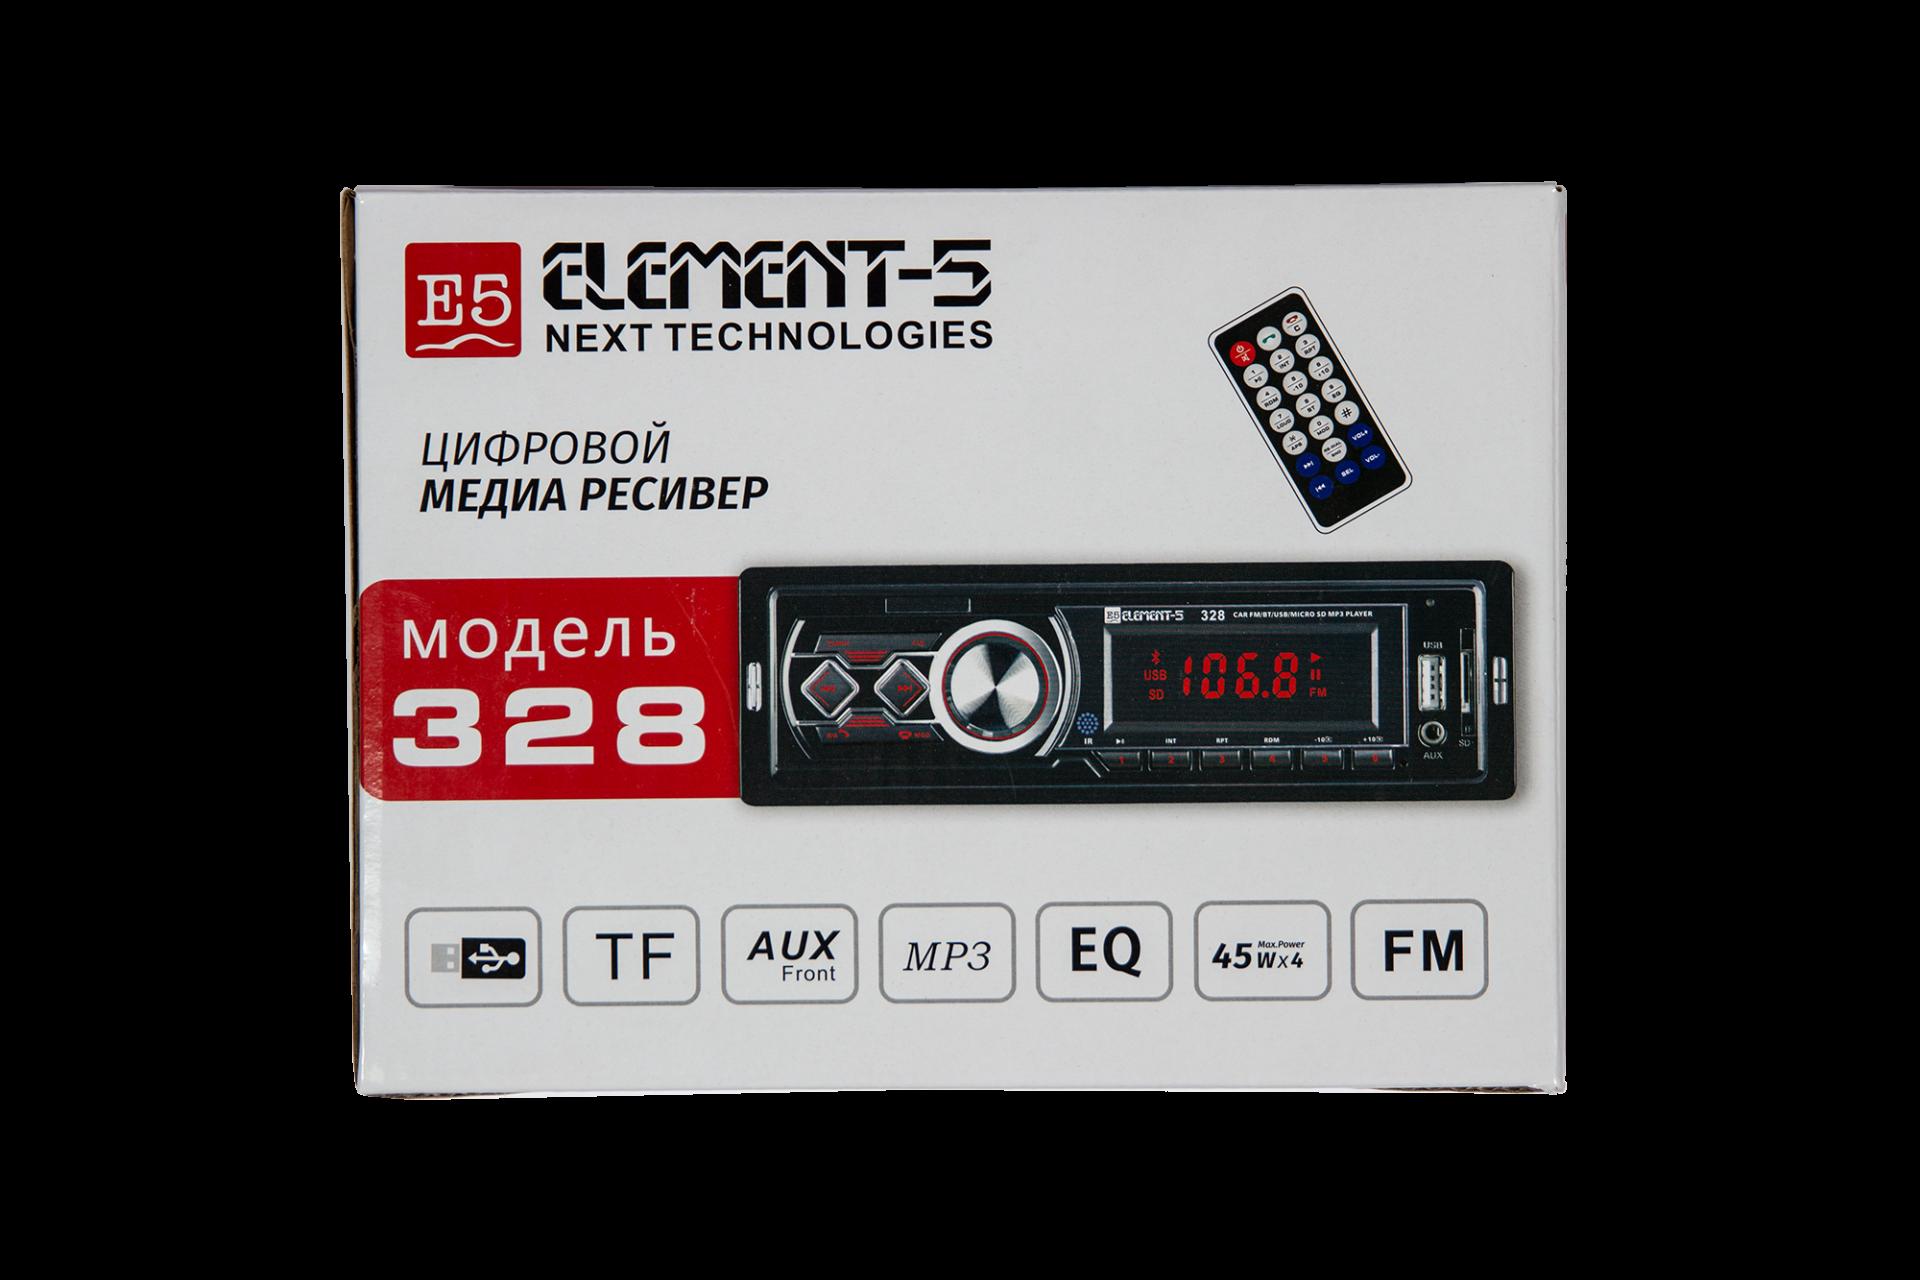 Магнитола E5-1DIN 328